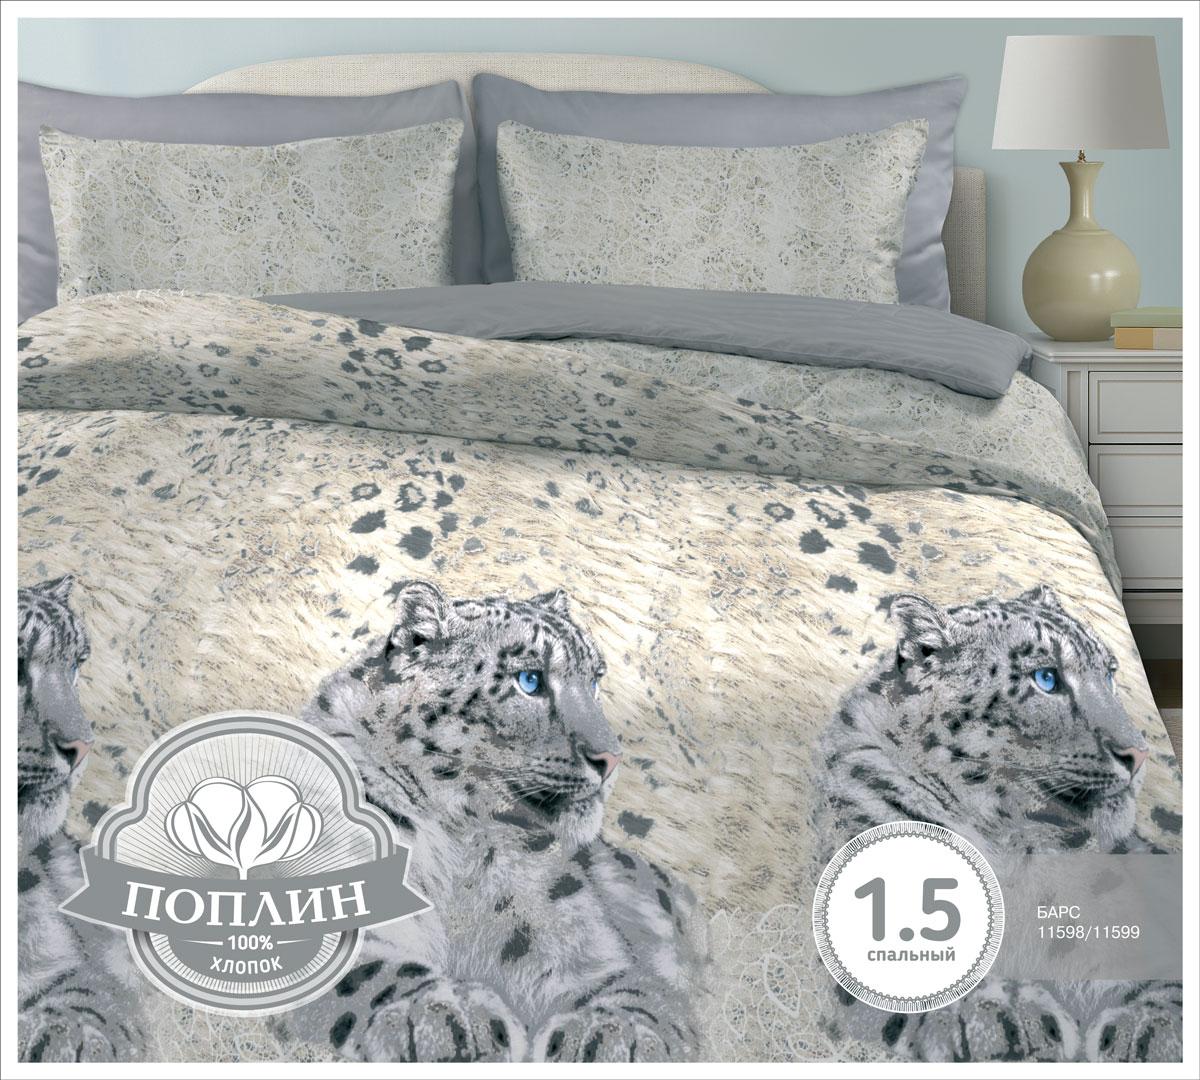 Комплект белья Любимый дом Снежный барс, евро, наволочки 70 x 70, цвет: бежевый. 348726348726